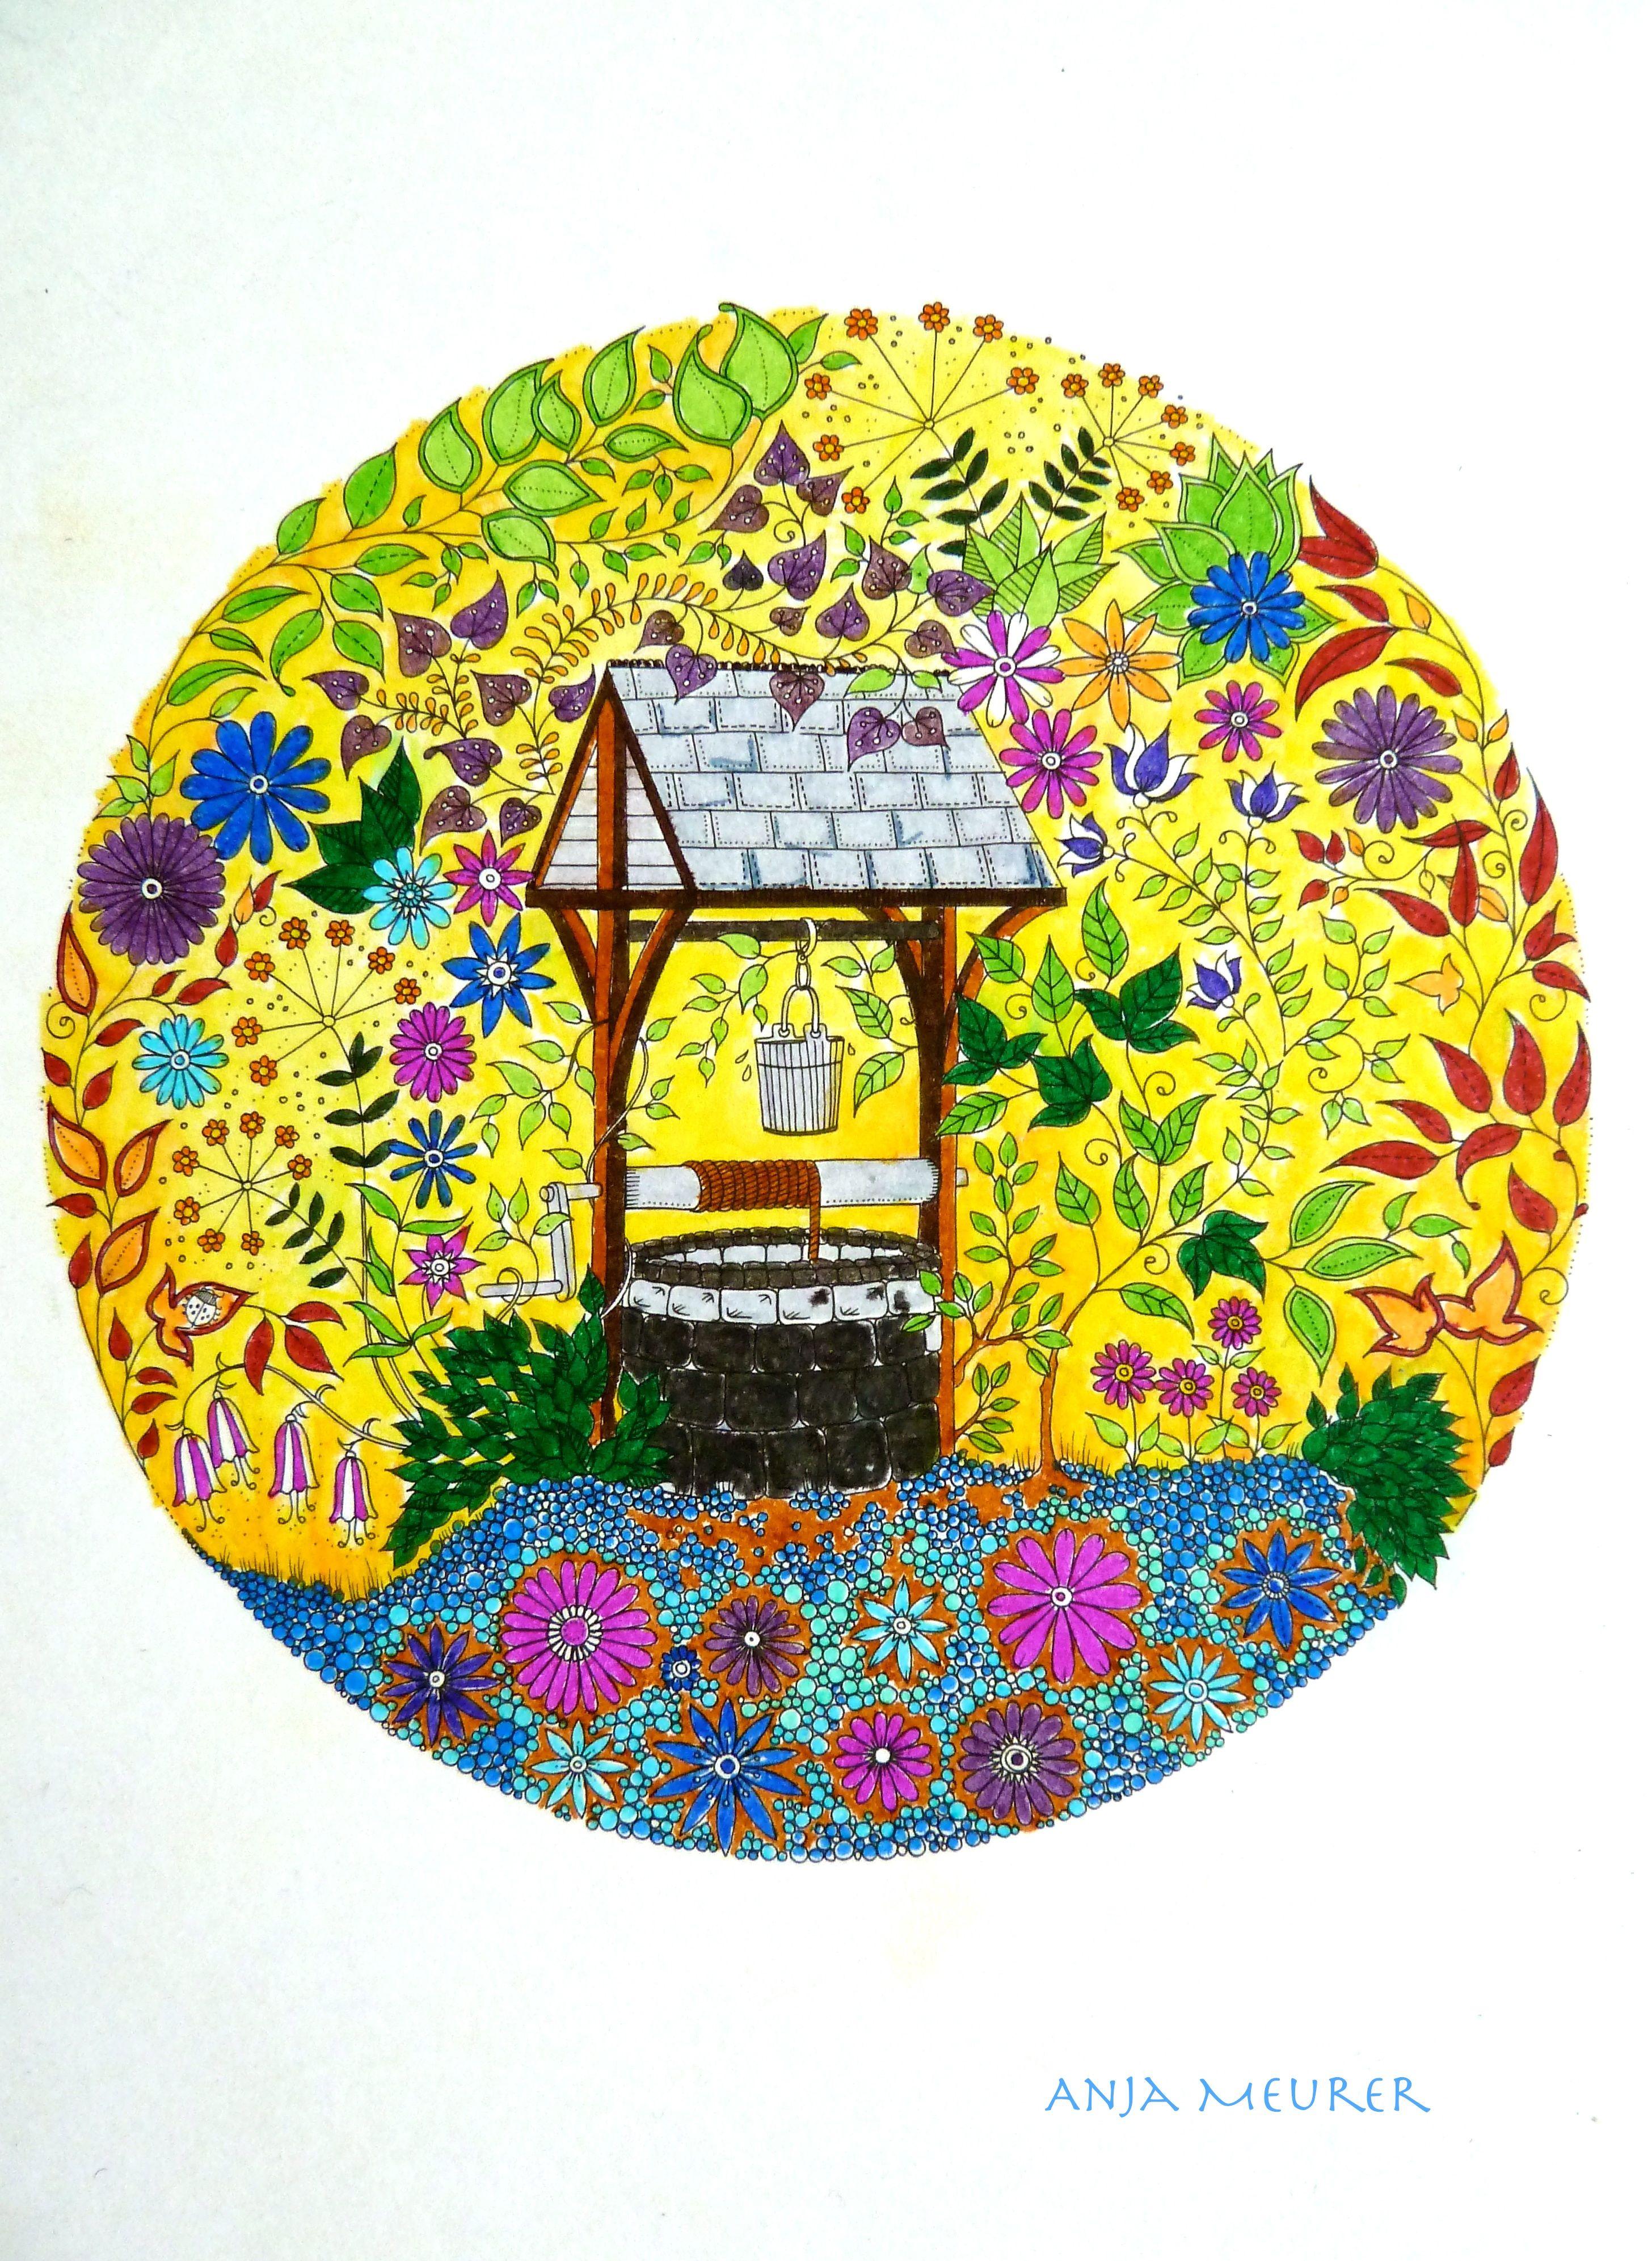 Picture From Johanna Basford Secret Garden Postcards Colouring Anja Meurer Secret Garden Coloring Book Secret Garden Colouring Postcard